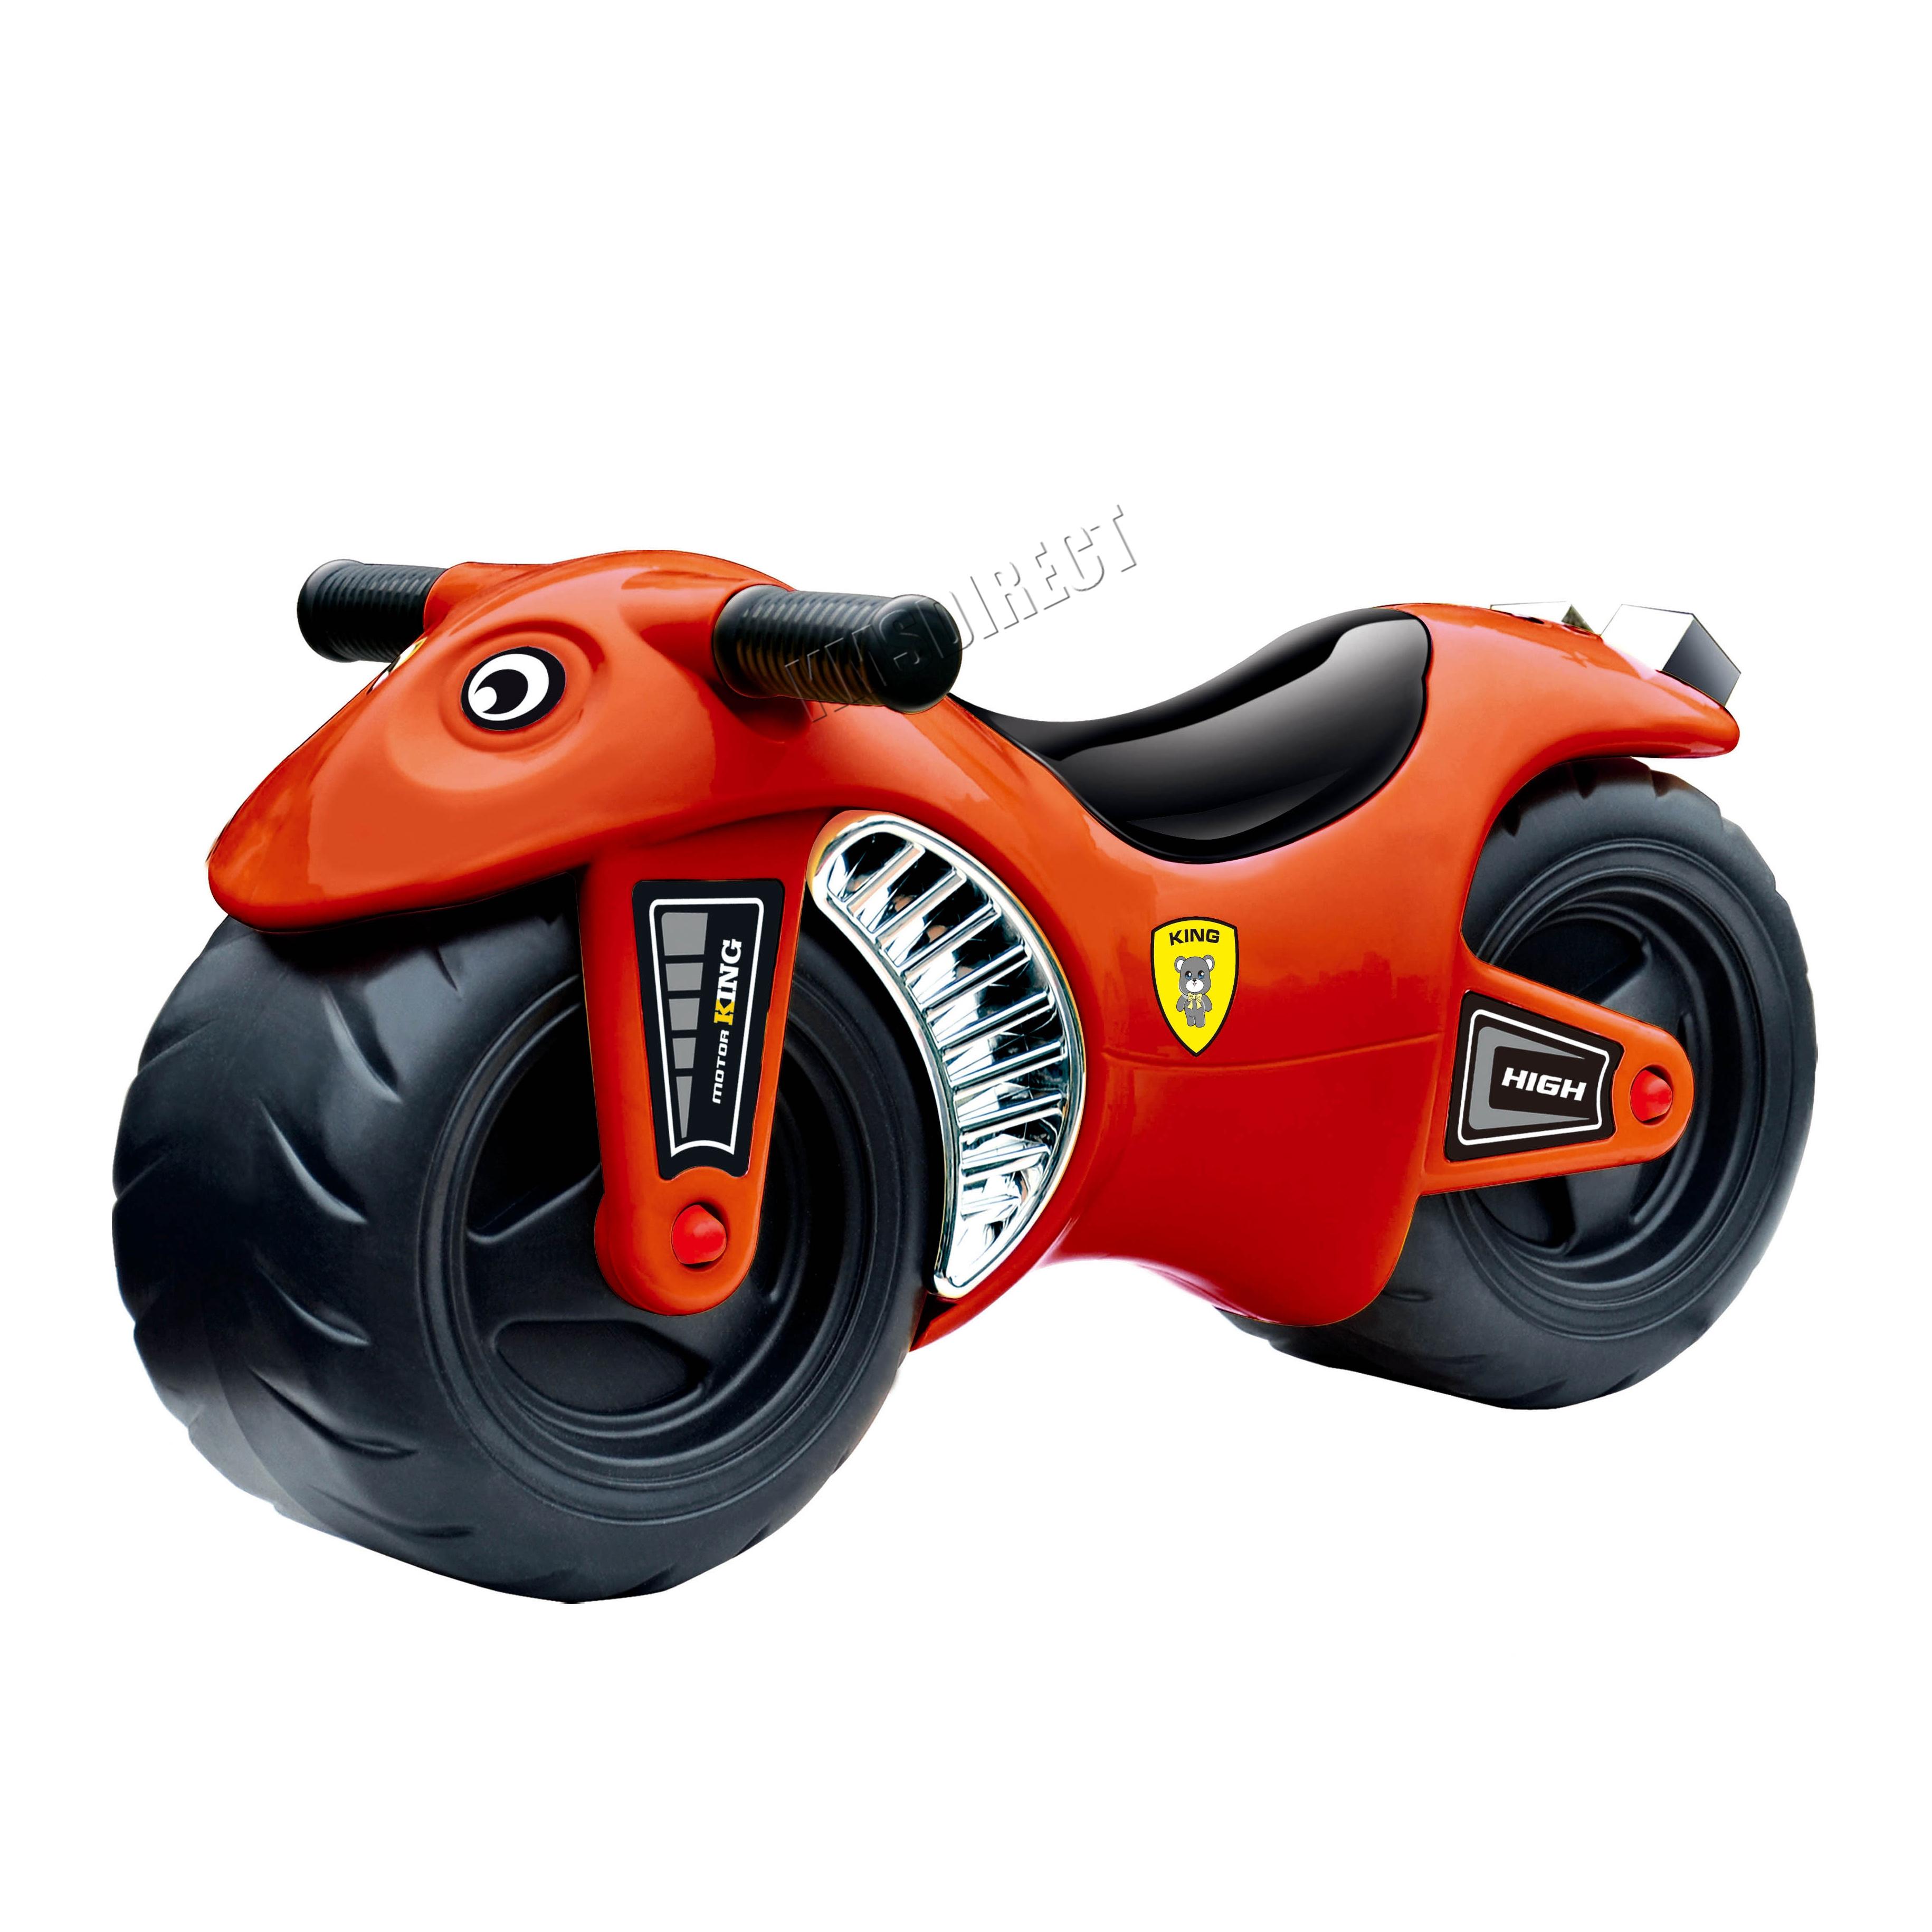 Foxhunter Kids Ride On Balance Motorcycle Motorbike Push